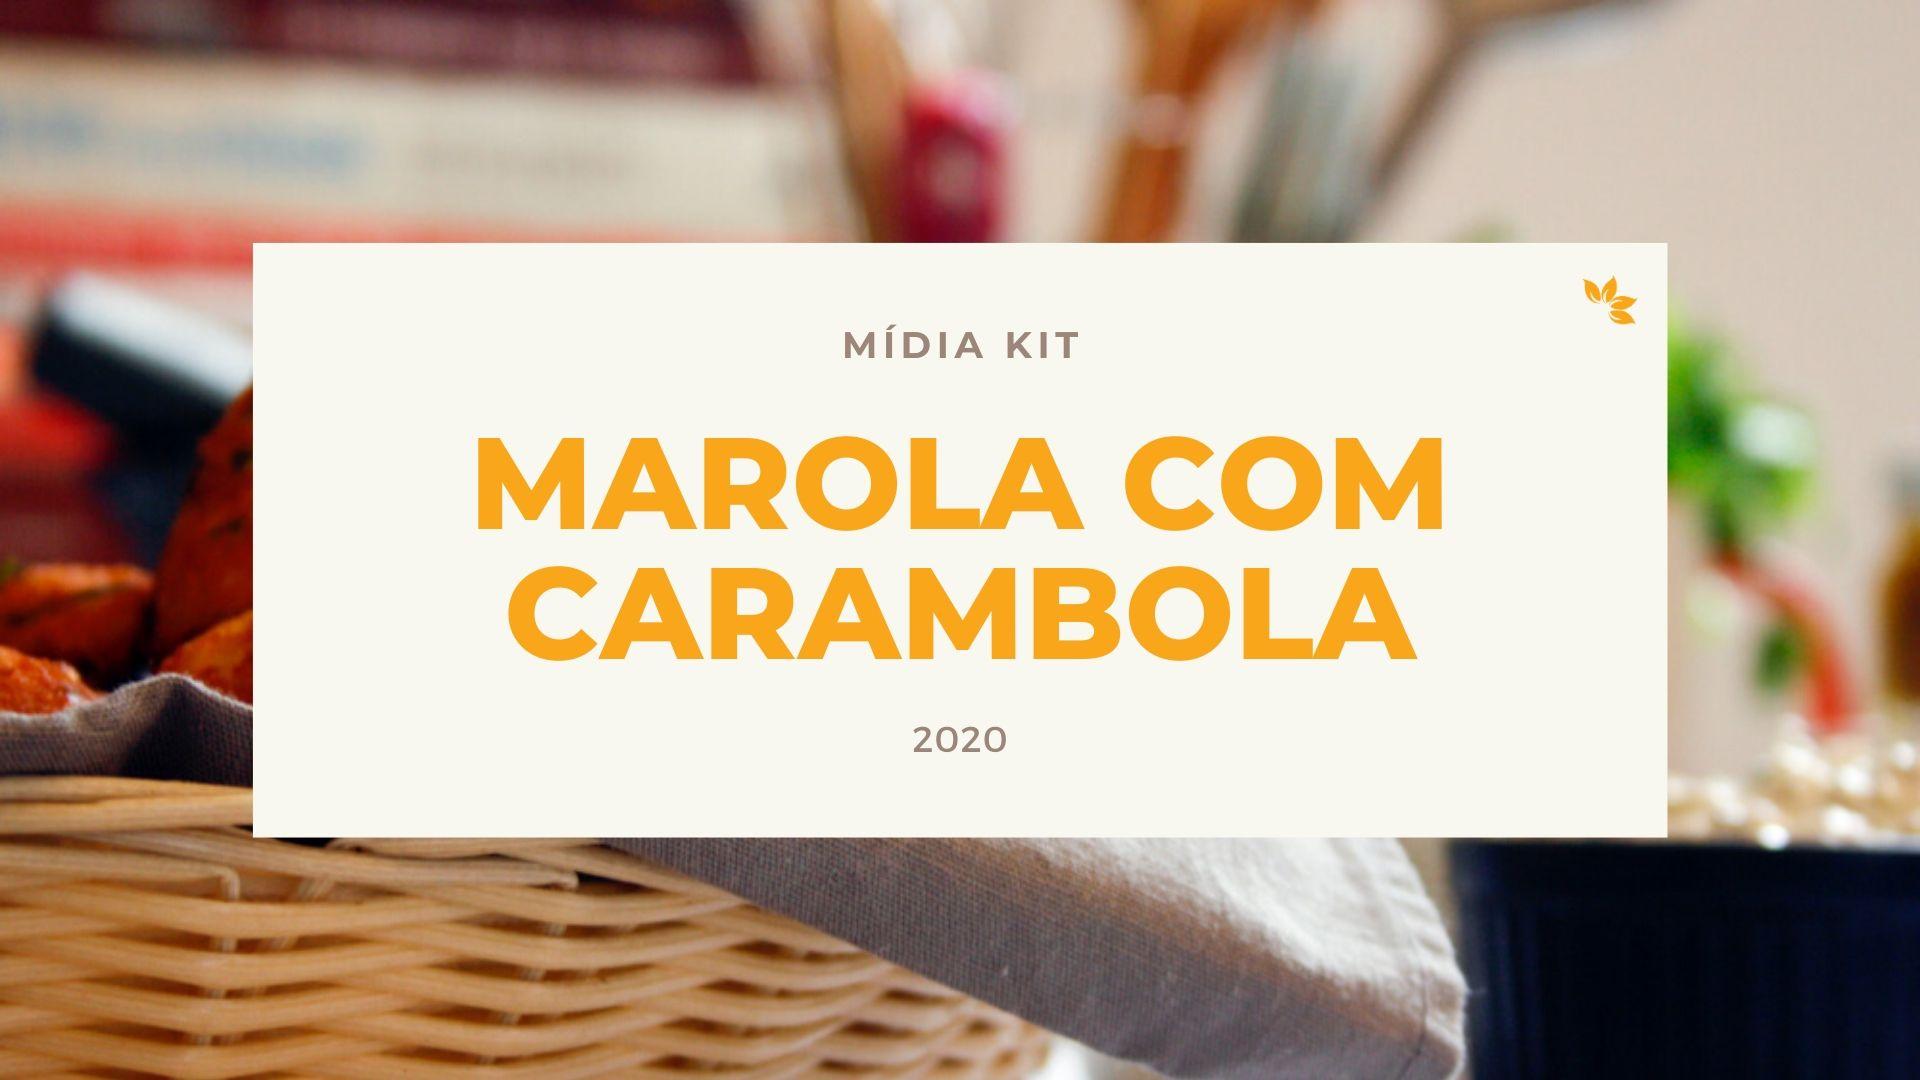 Mídia Kit Marola com Carambola - 2020